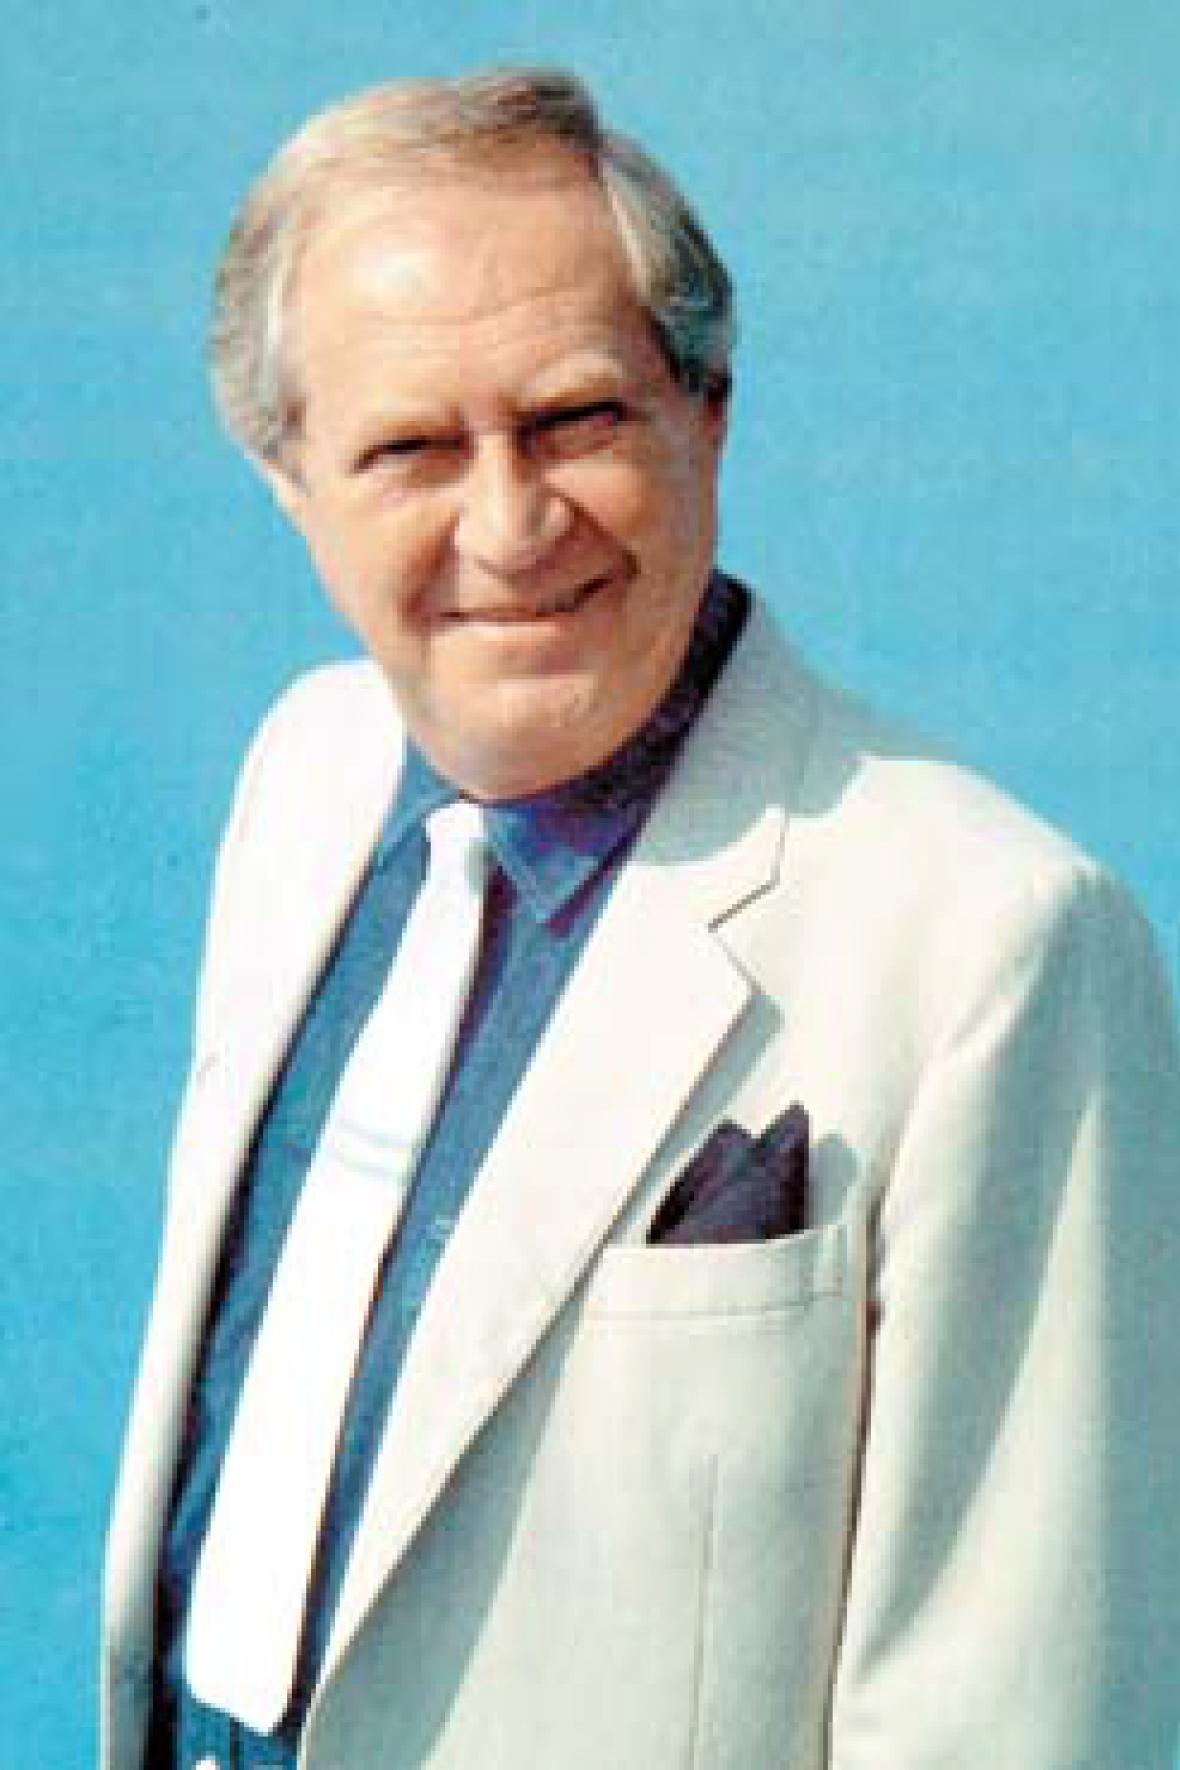 Gustav Brom